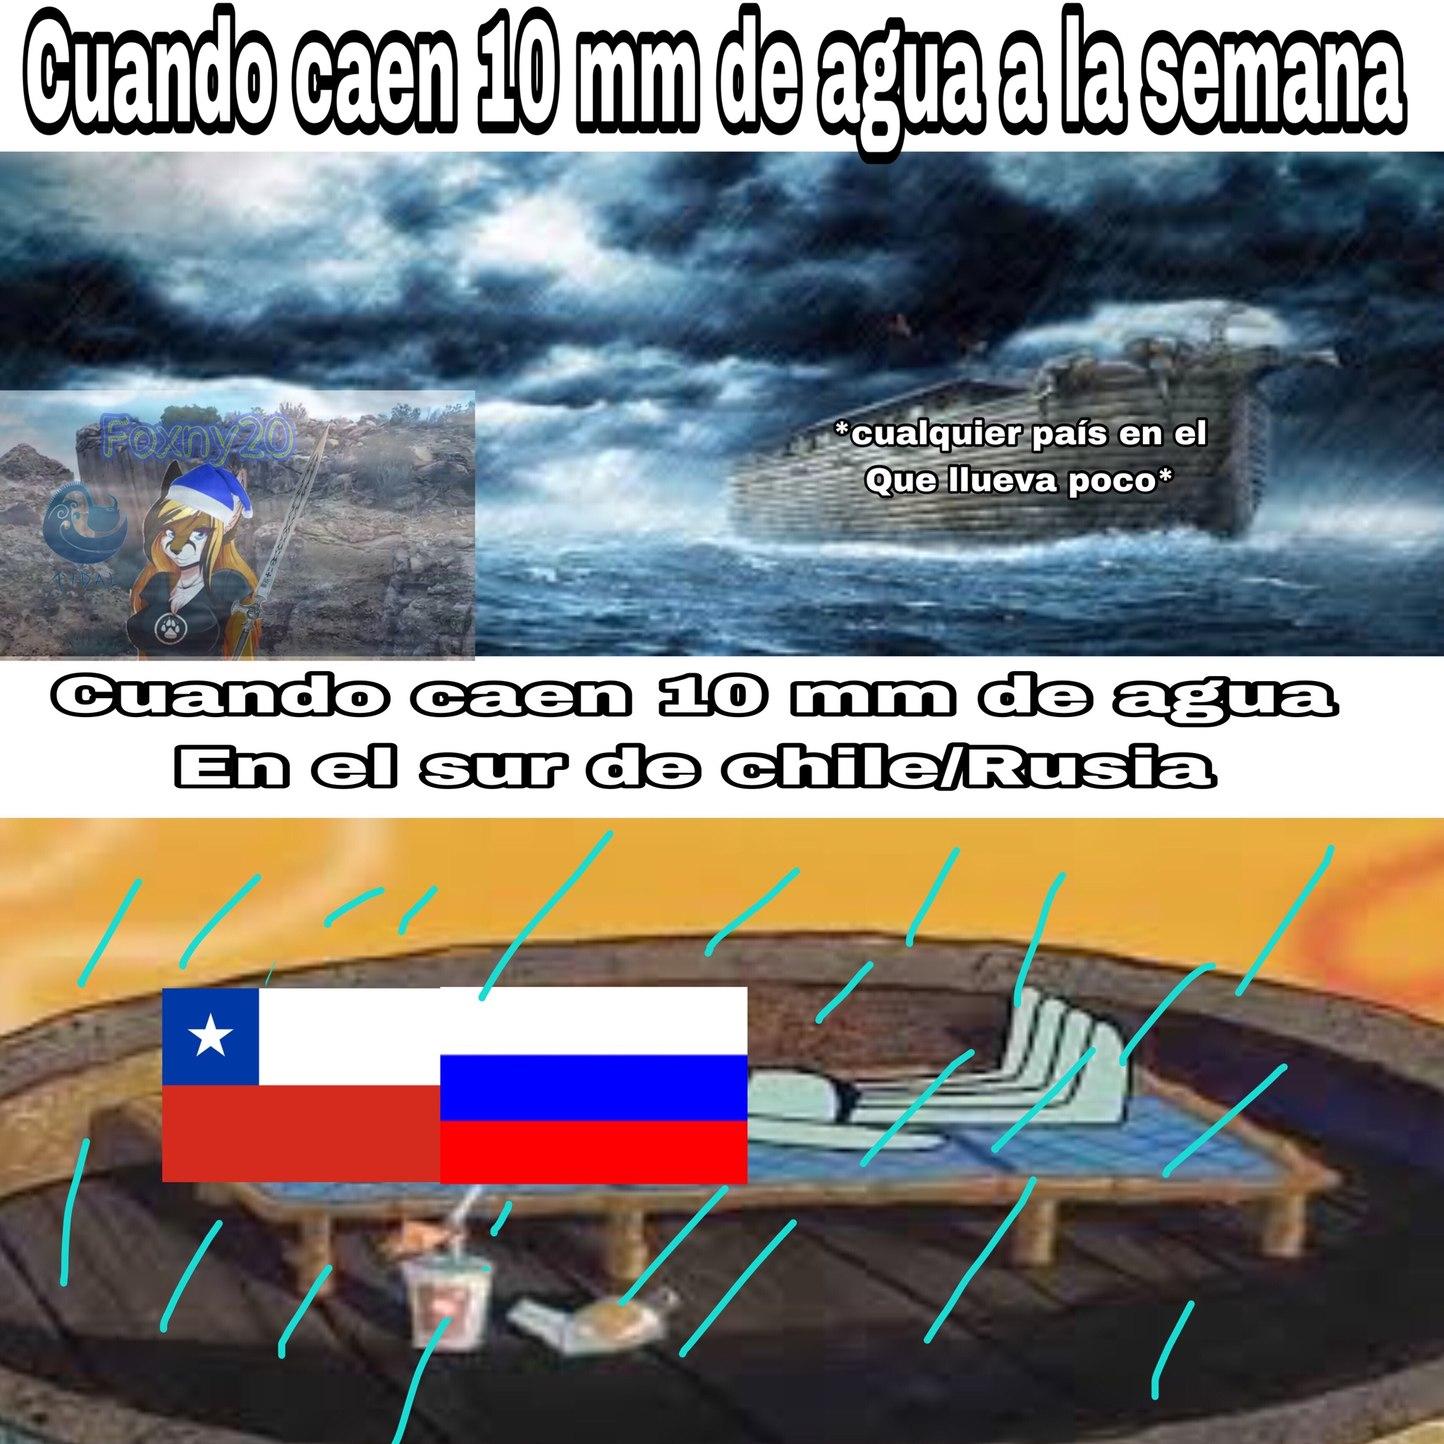 se me ocurrió mientras acá en mi ciudad caen 40 mm de agua - meme